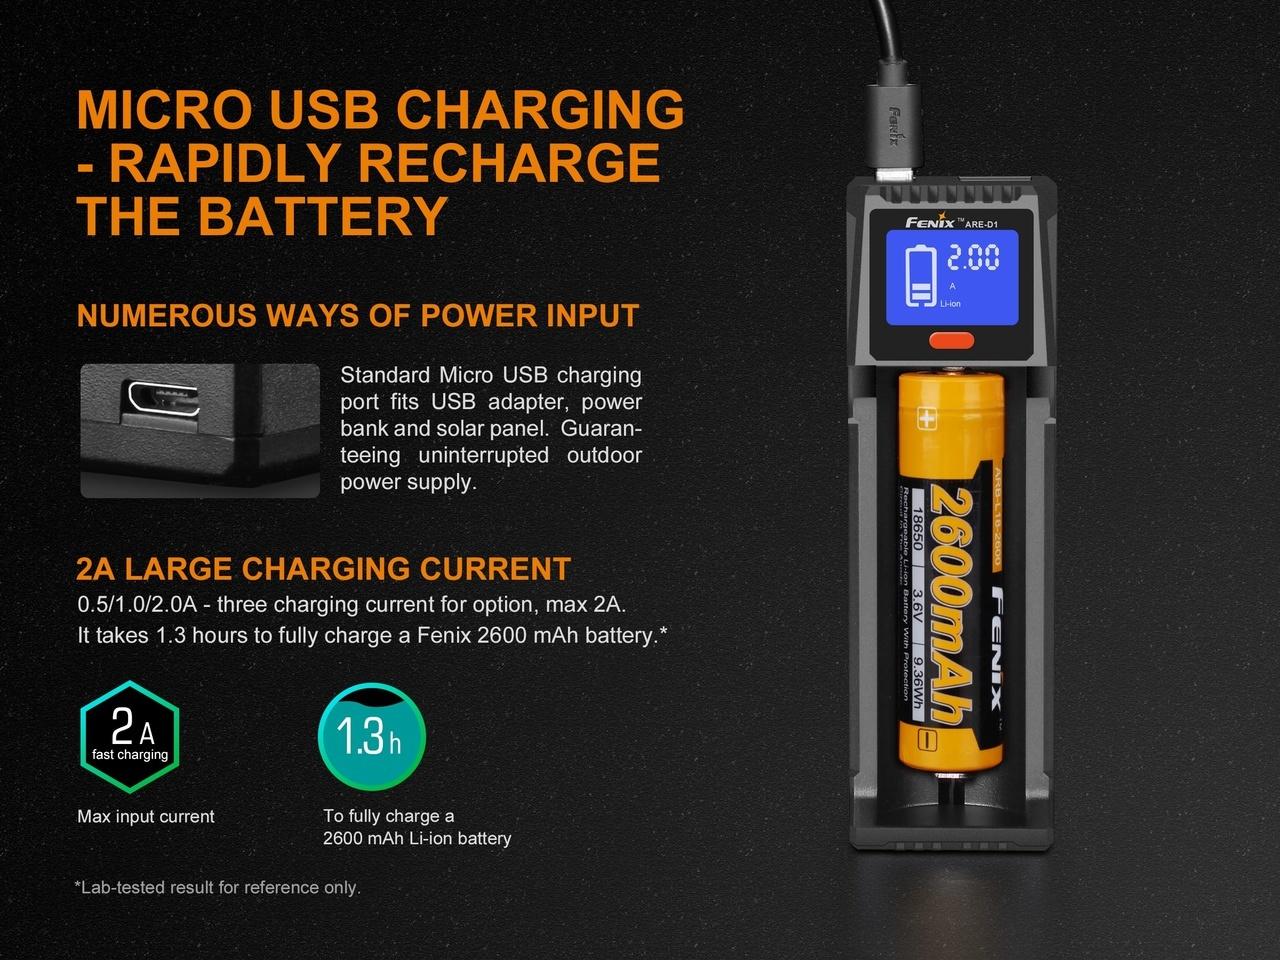 Fenix Fenix ARE-D1 Single Channel Smart Battery Charger